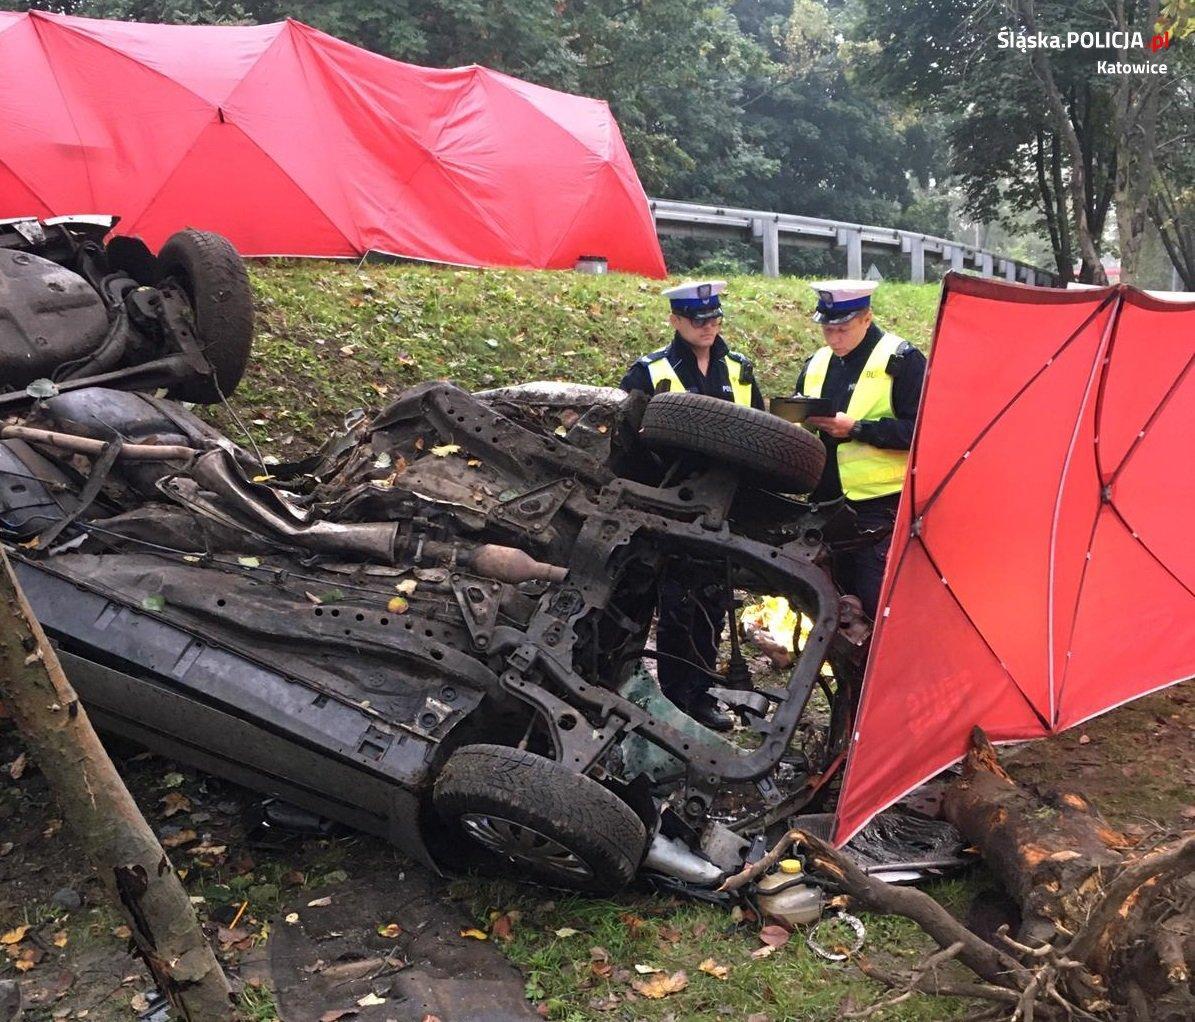 В Польше в ДТП погибли два украинца / фото пресс-служба польской полиции